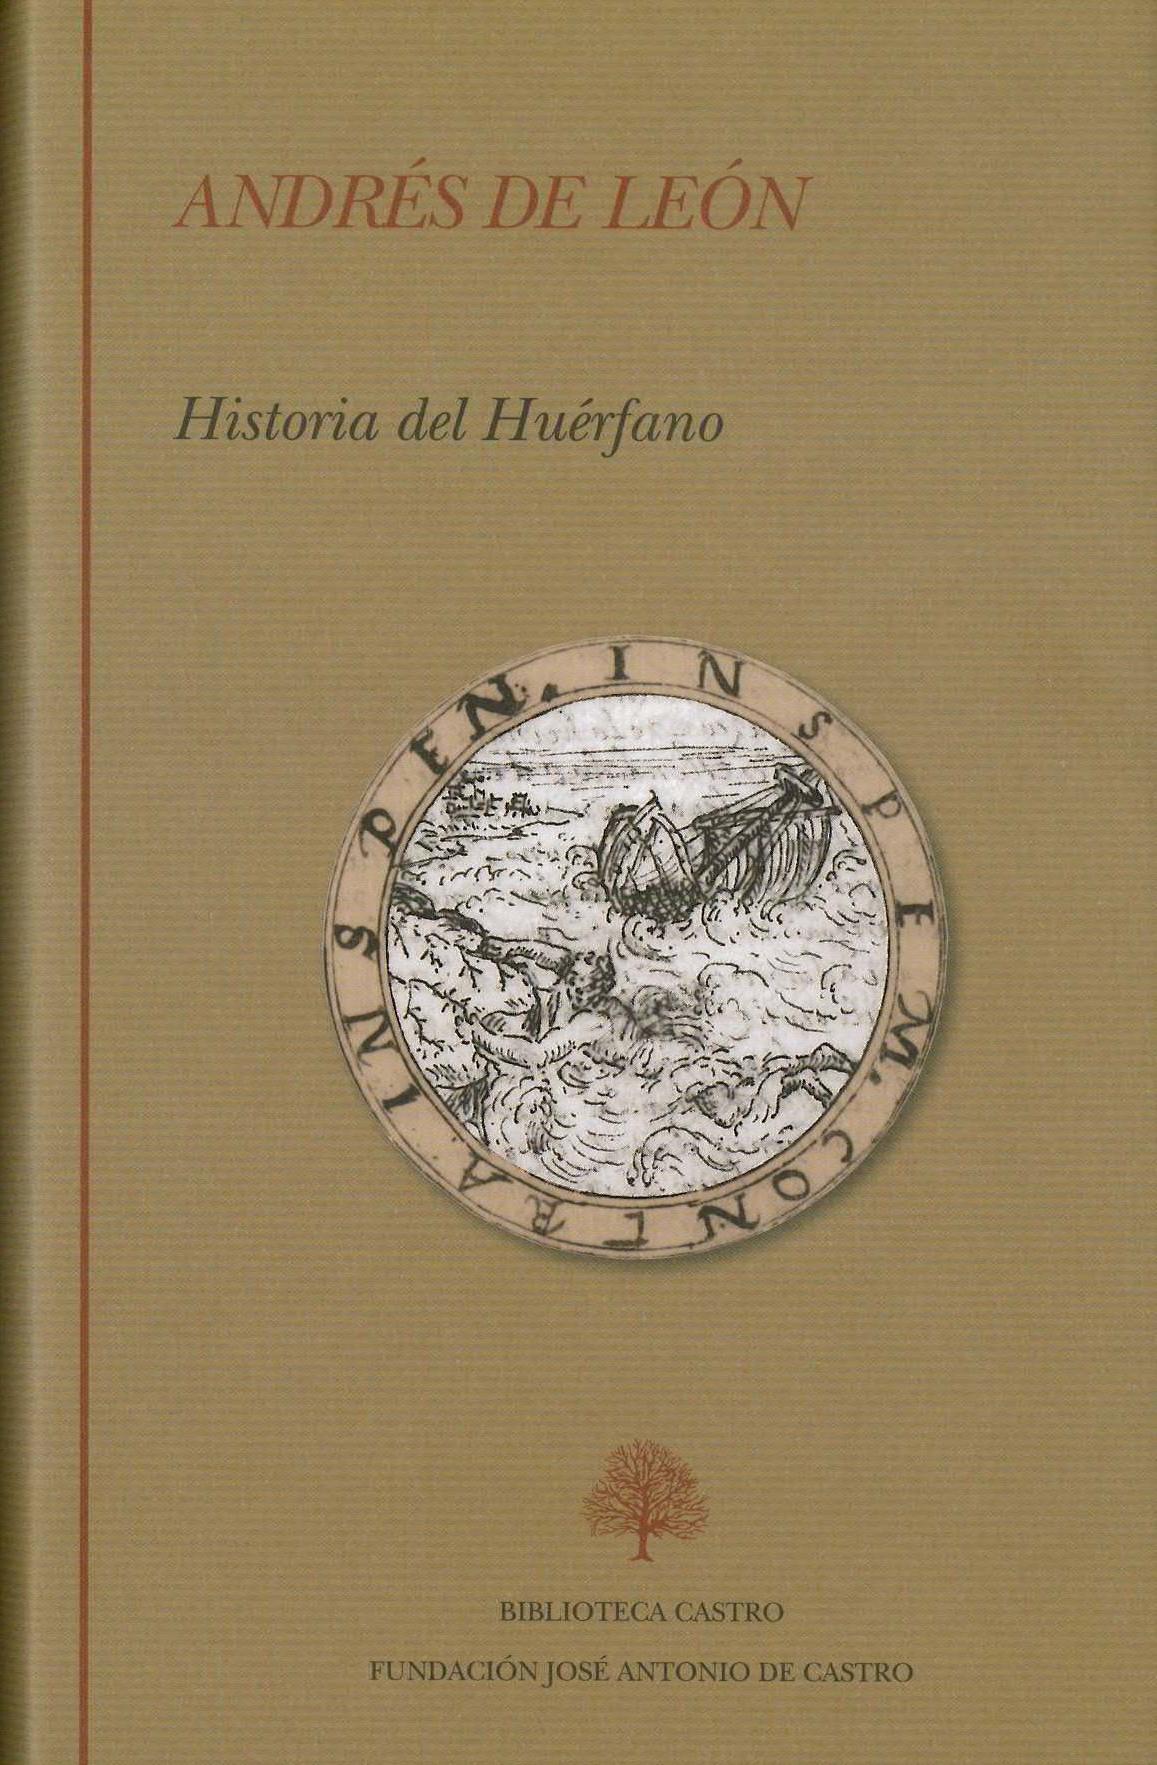 Image result for Historia del Huérfano